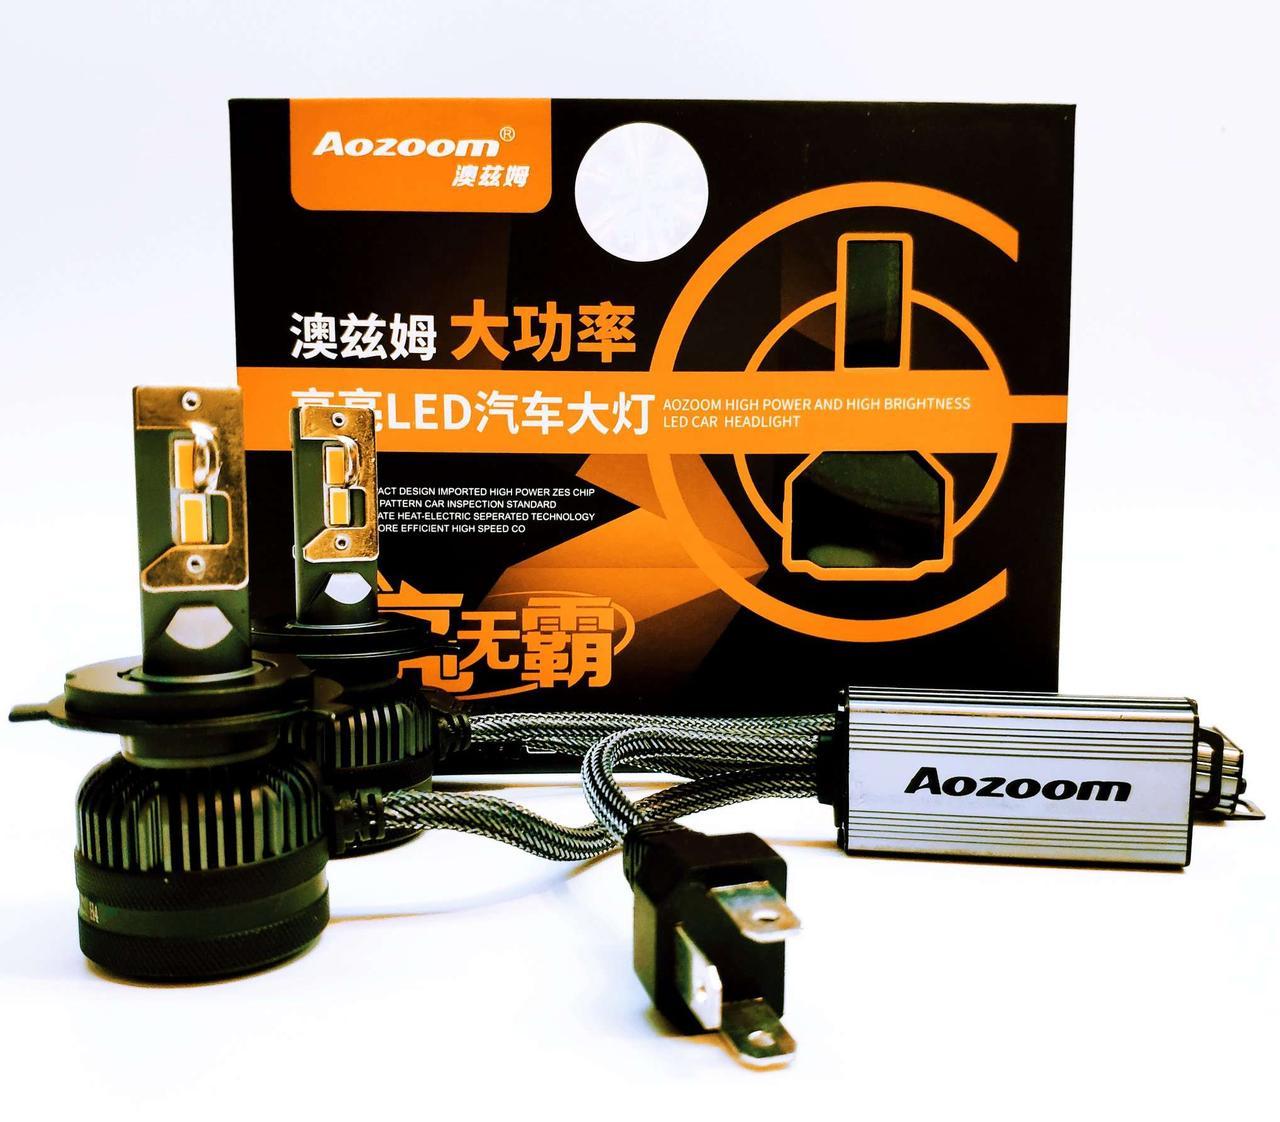 Автолампи LED світлодіодні Aozoom L8 Н4 90Вт Canbus 7600Лм 12В